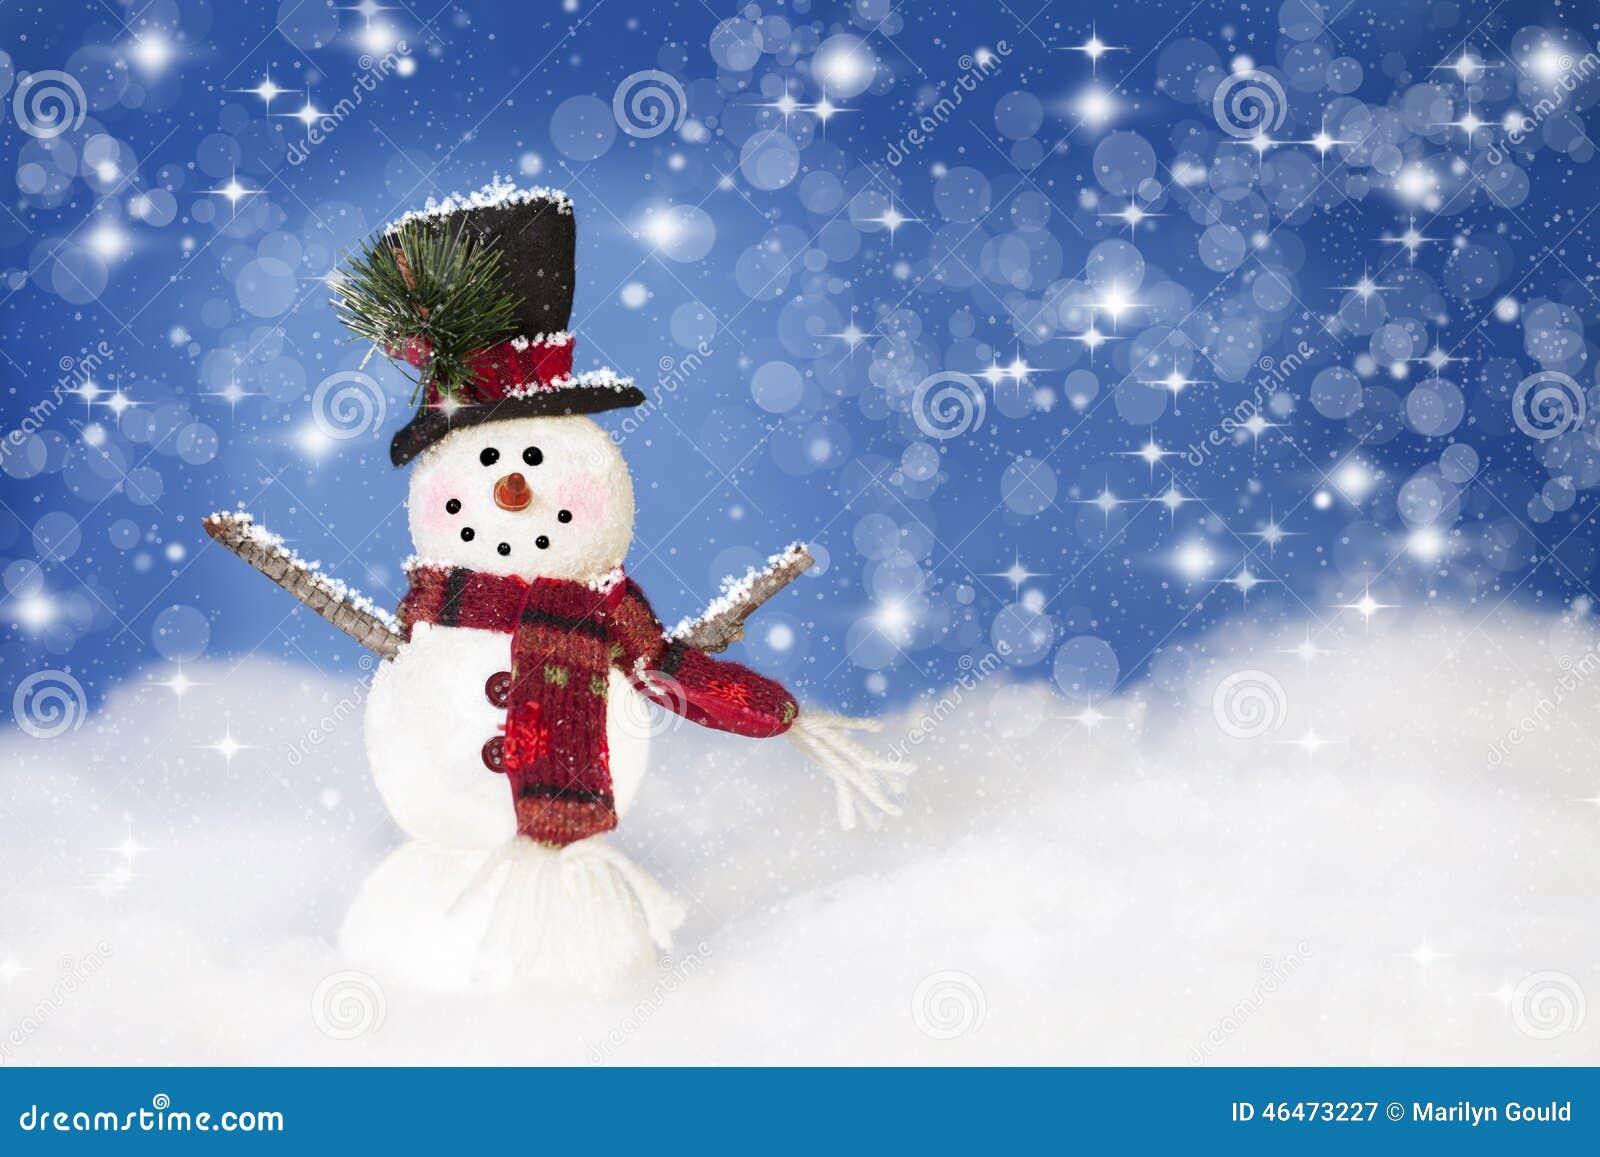 Glückliches WeihnachtsSchneemann